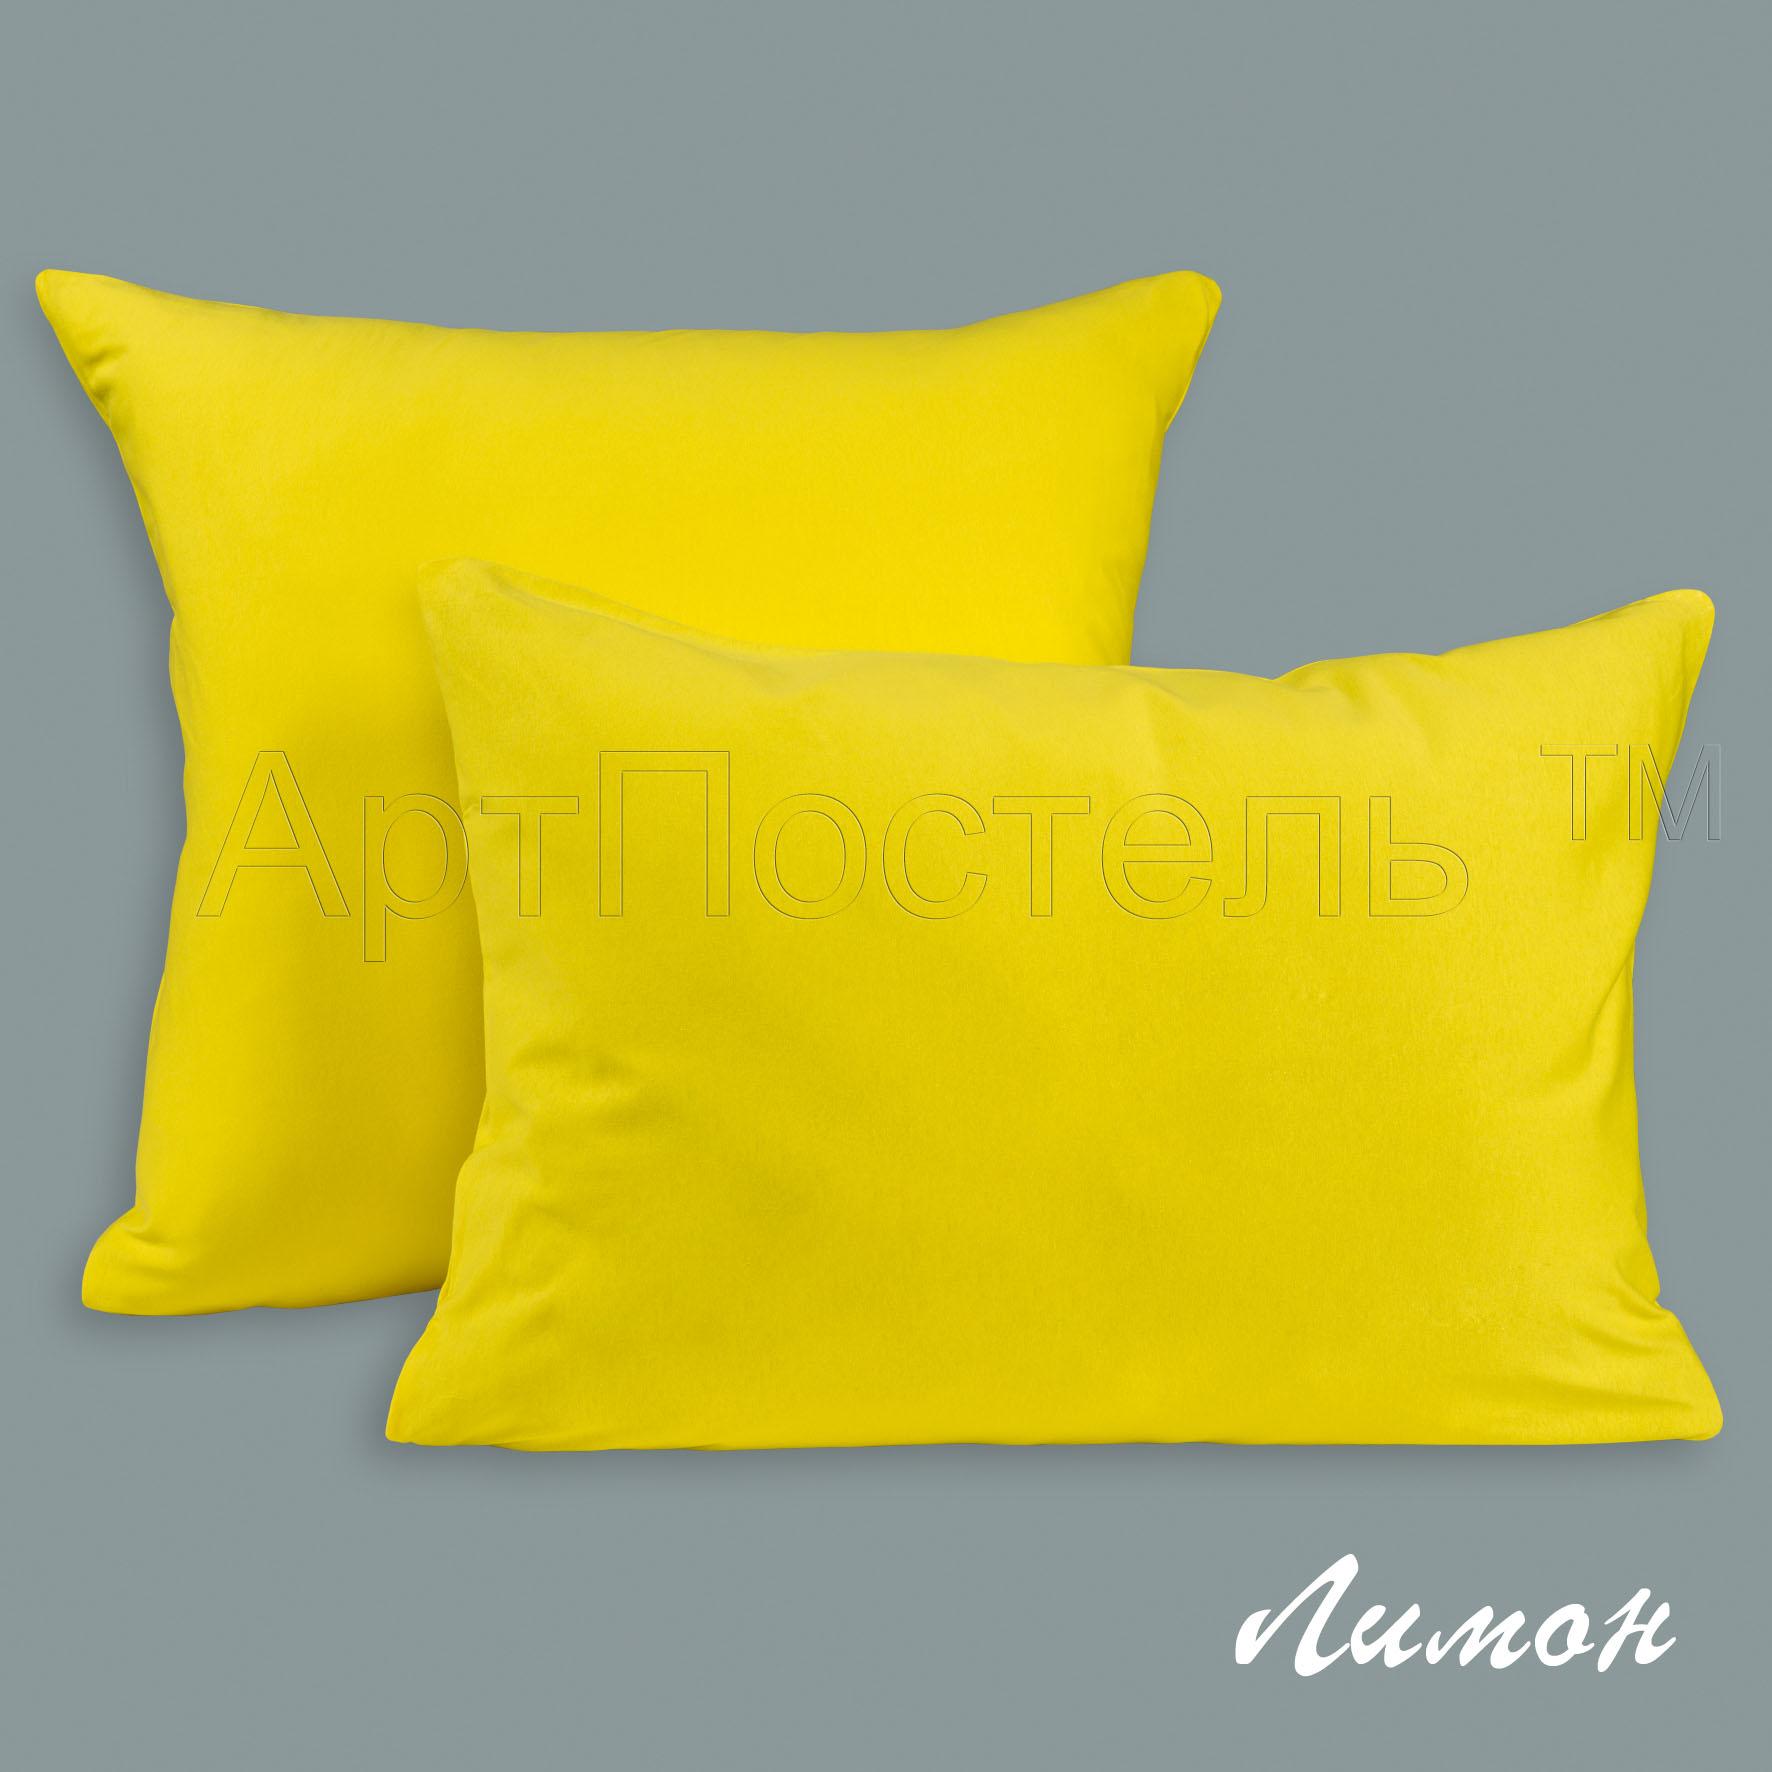 Наволочки Лимон, размер 70х70 смНаволочки<br>Плотность ткани: 140 г/кв. м <br>Количество: 2 шт.<br><br>Тип: Наволочки<br>Размер: 70х70<br>Материал: Кулирка